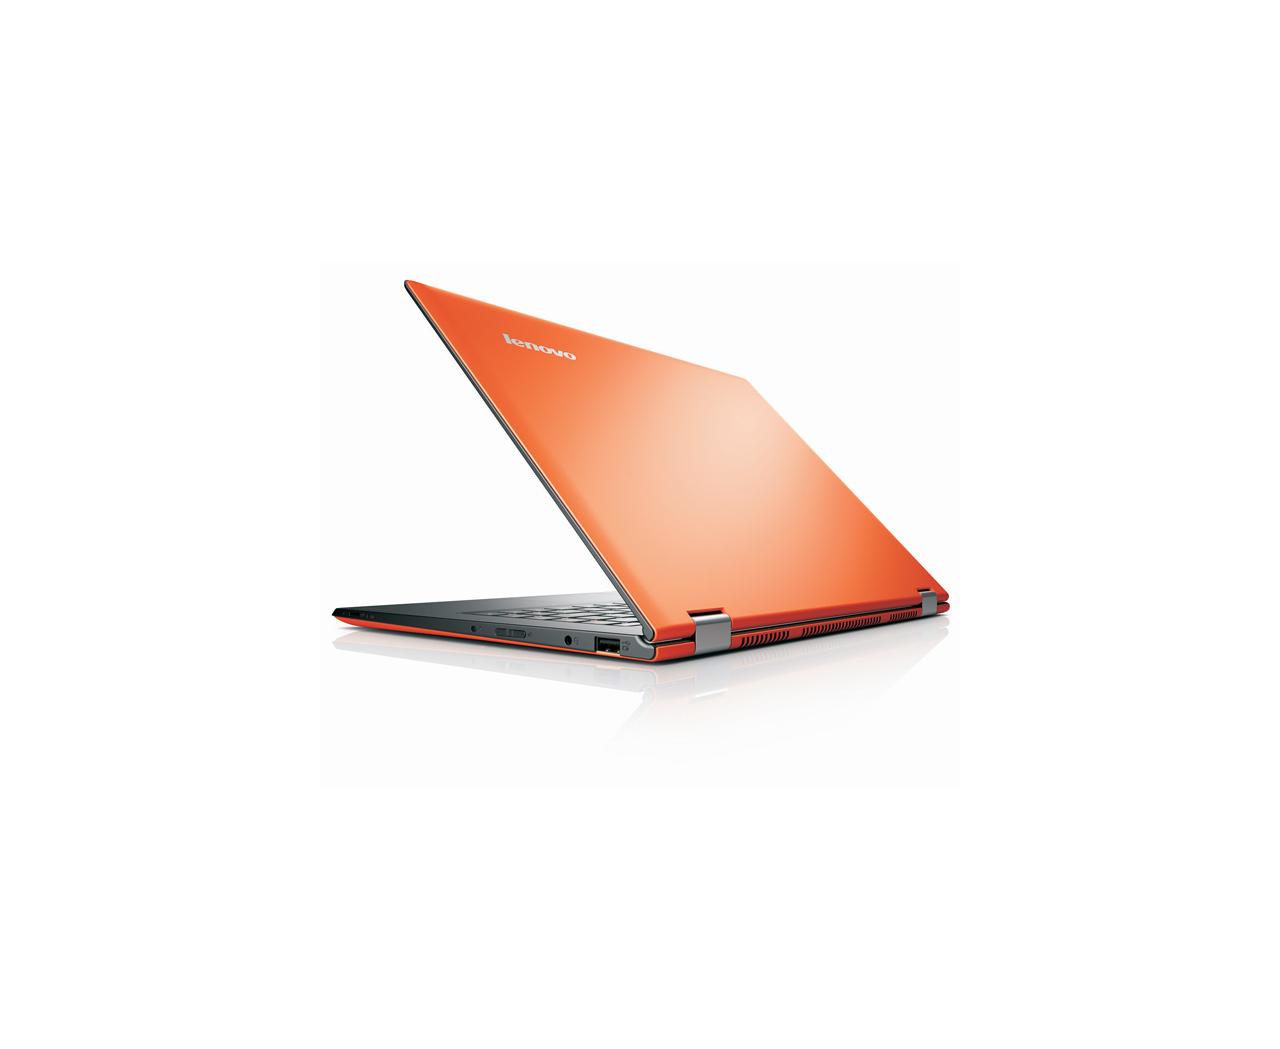 Review: Yoga 2 Pro de Lenovo, un 2 en 1 flexible